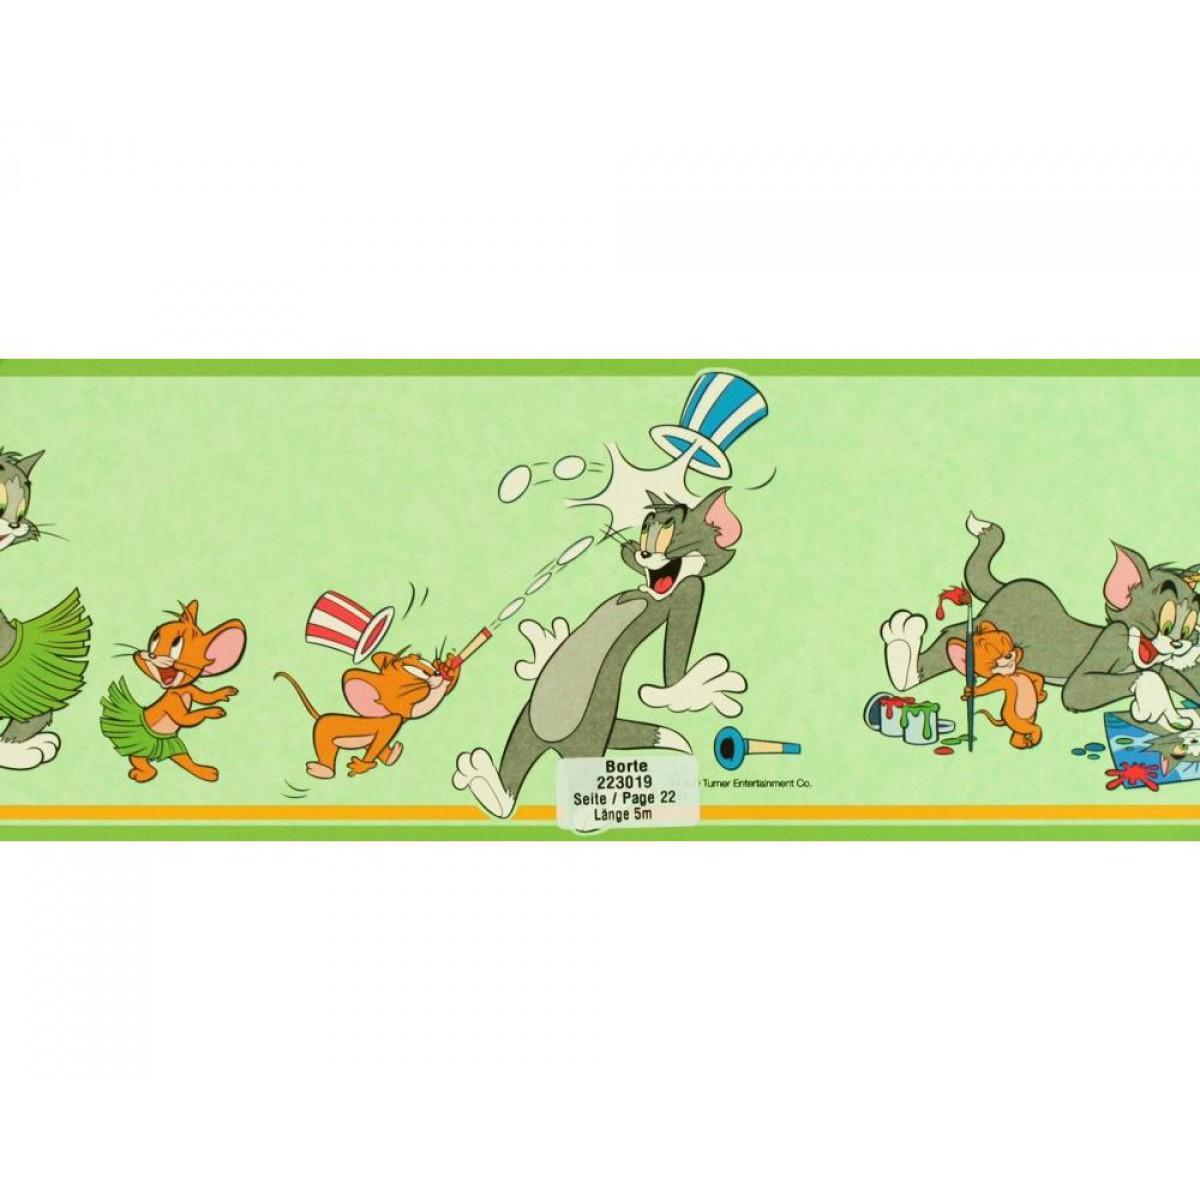 παιδικη μπορδουρα looney tunes 223019